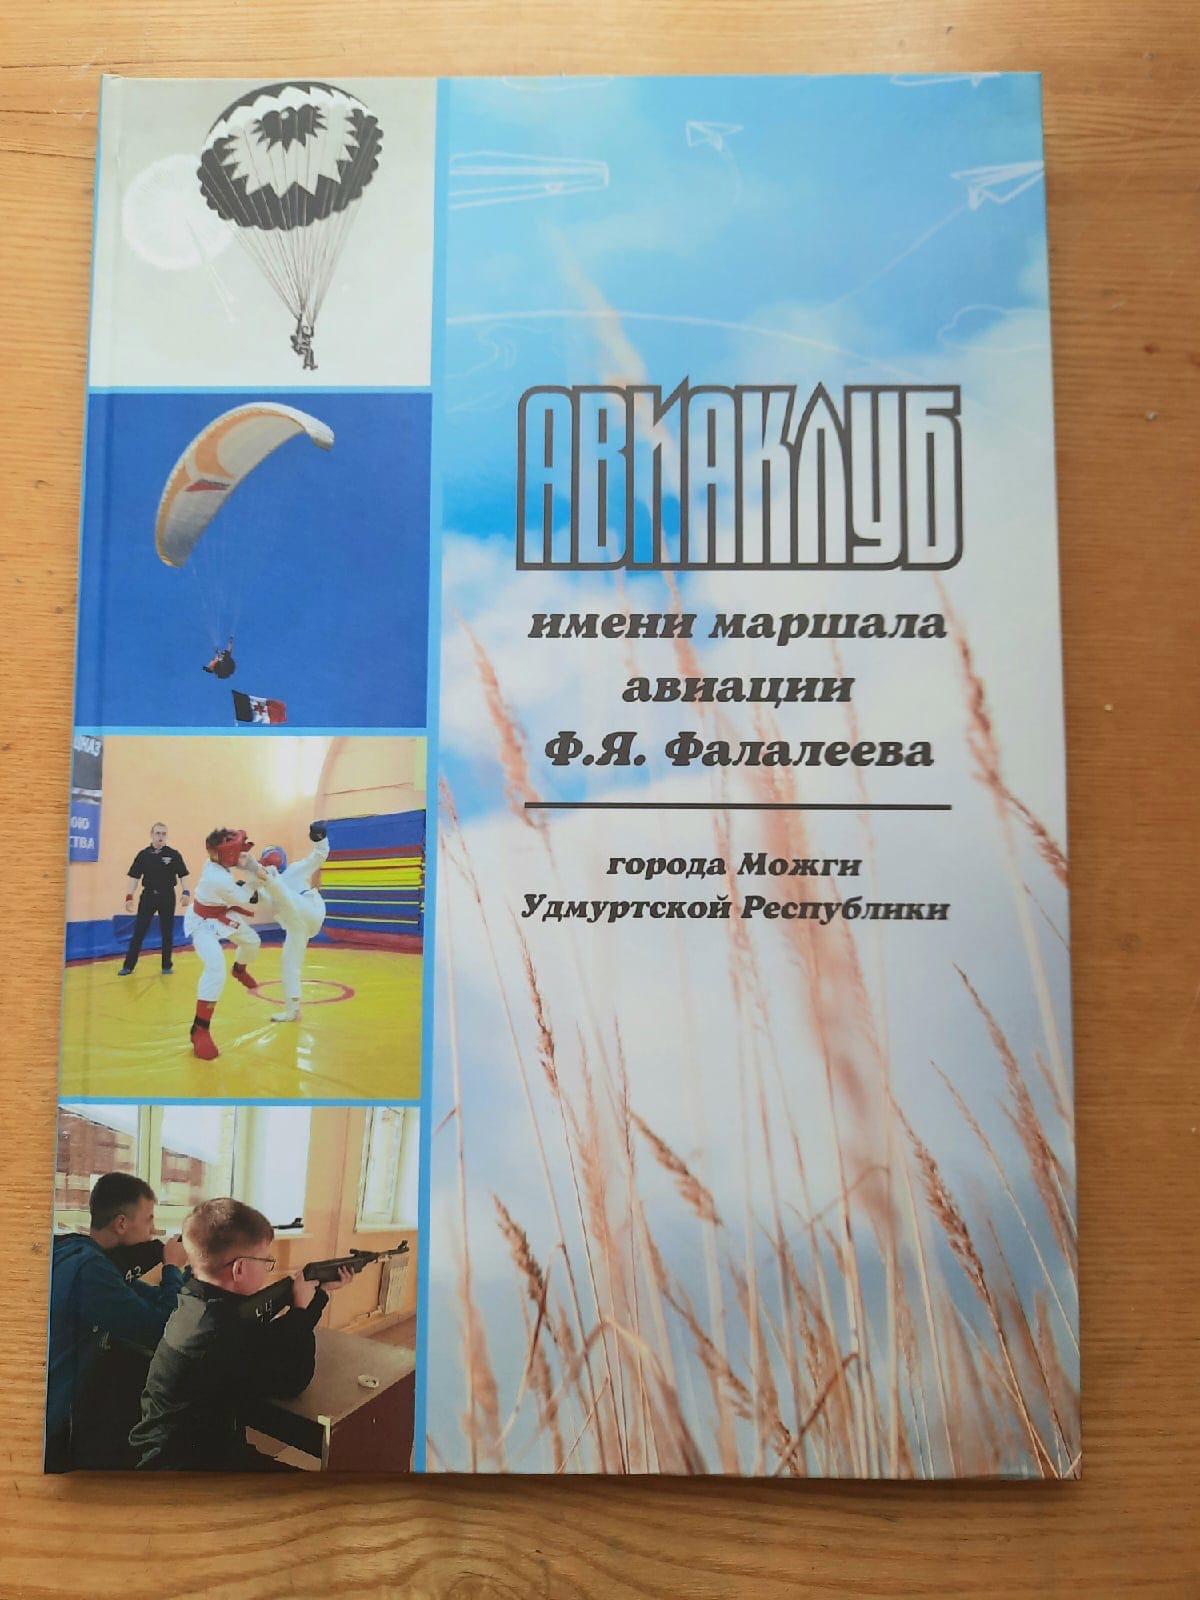 Виктор Михайлович Ткачук издал сборник об истории